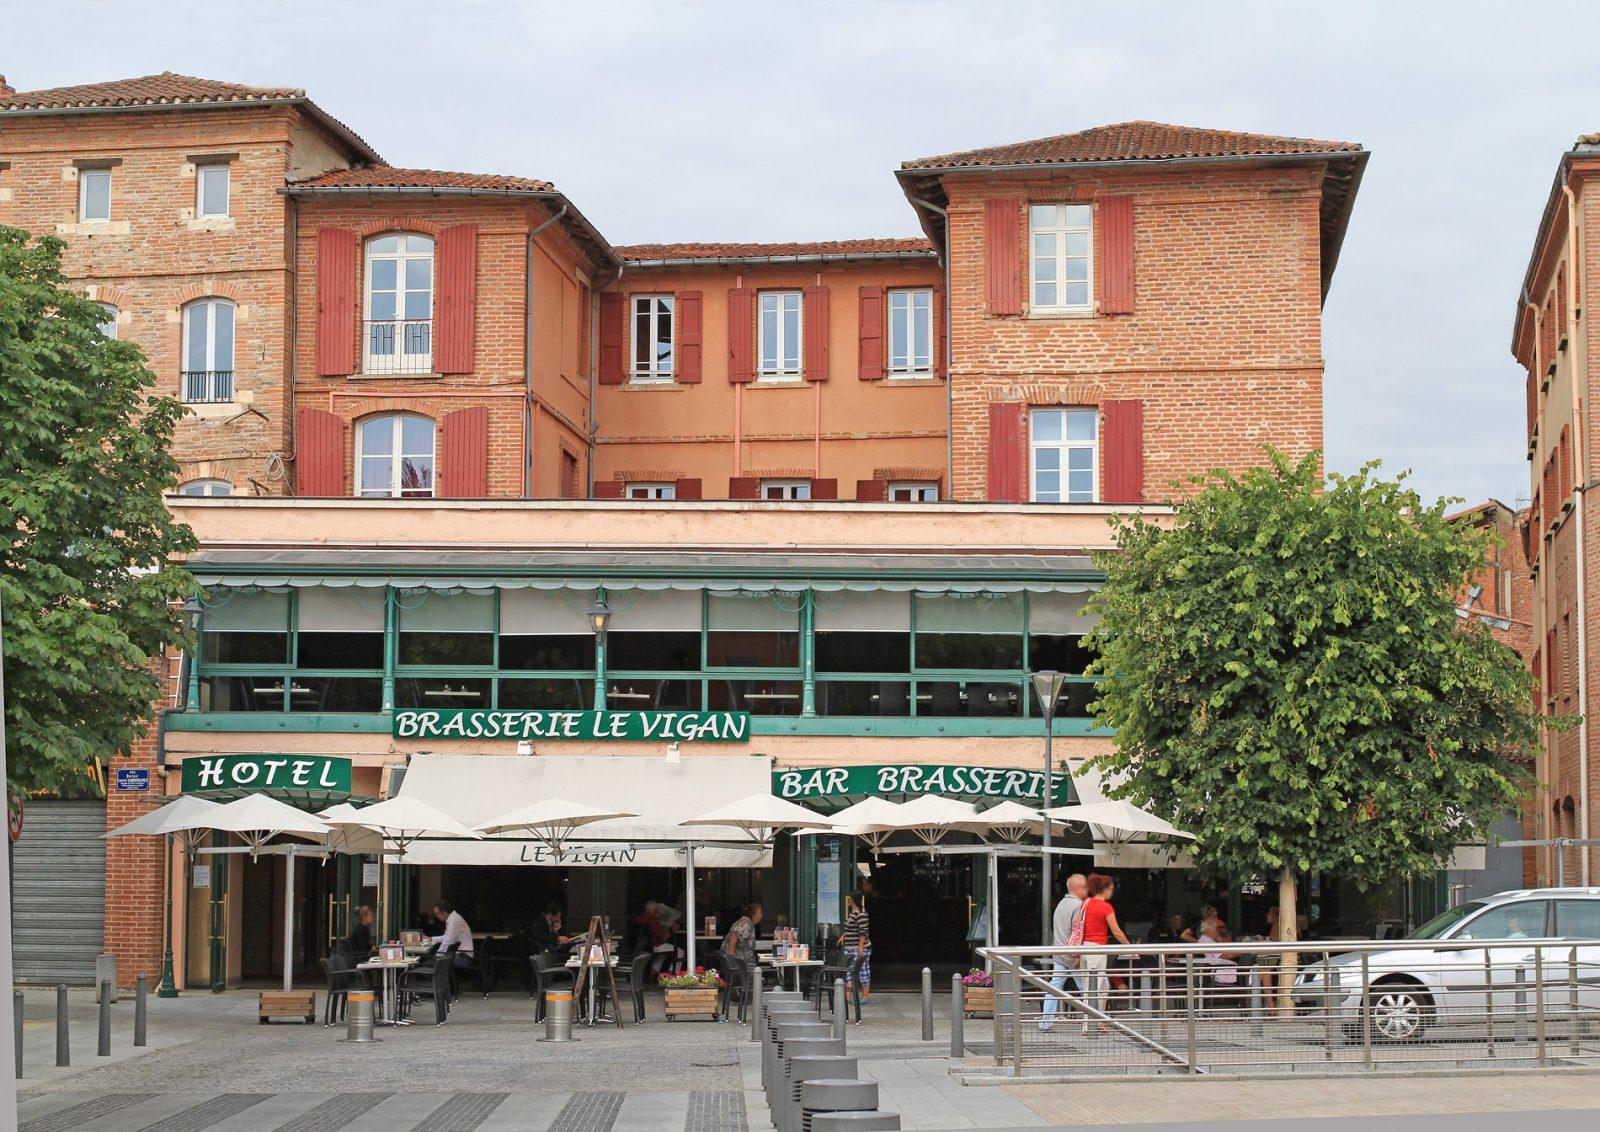 Albi hotel du Vigan